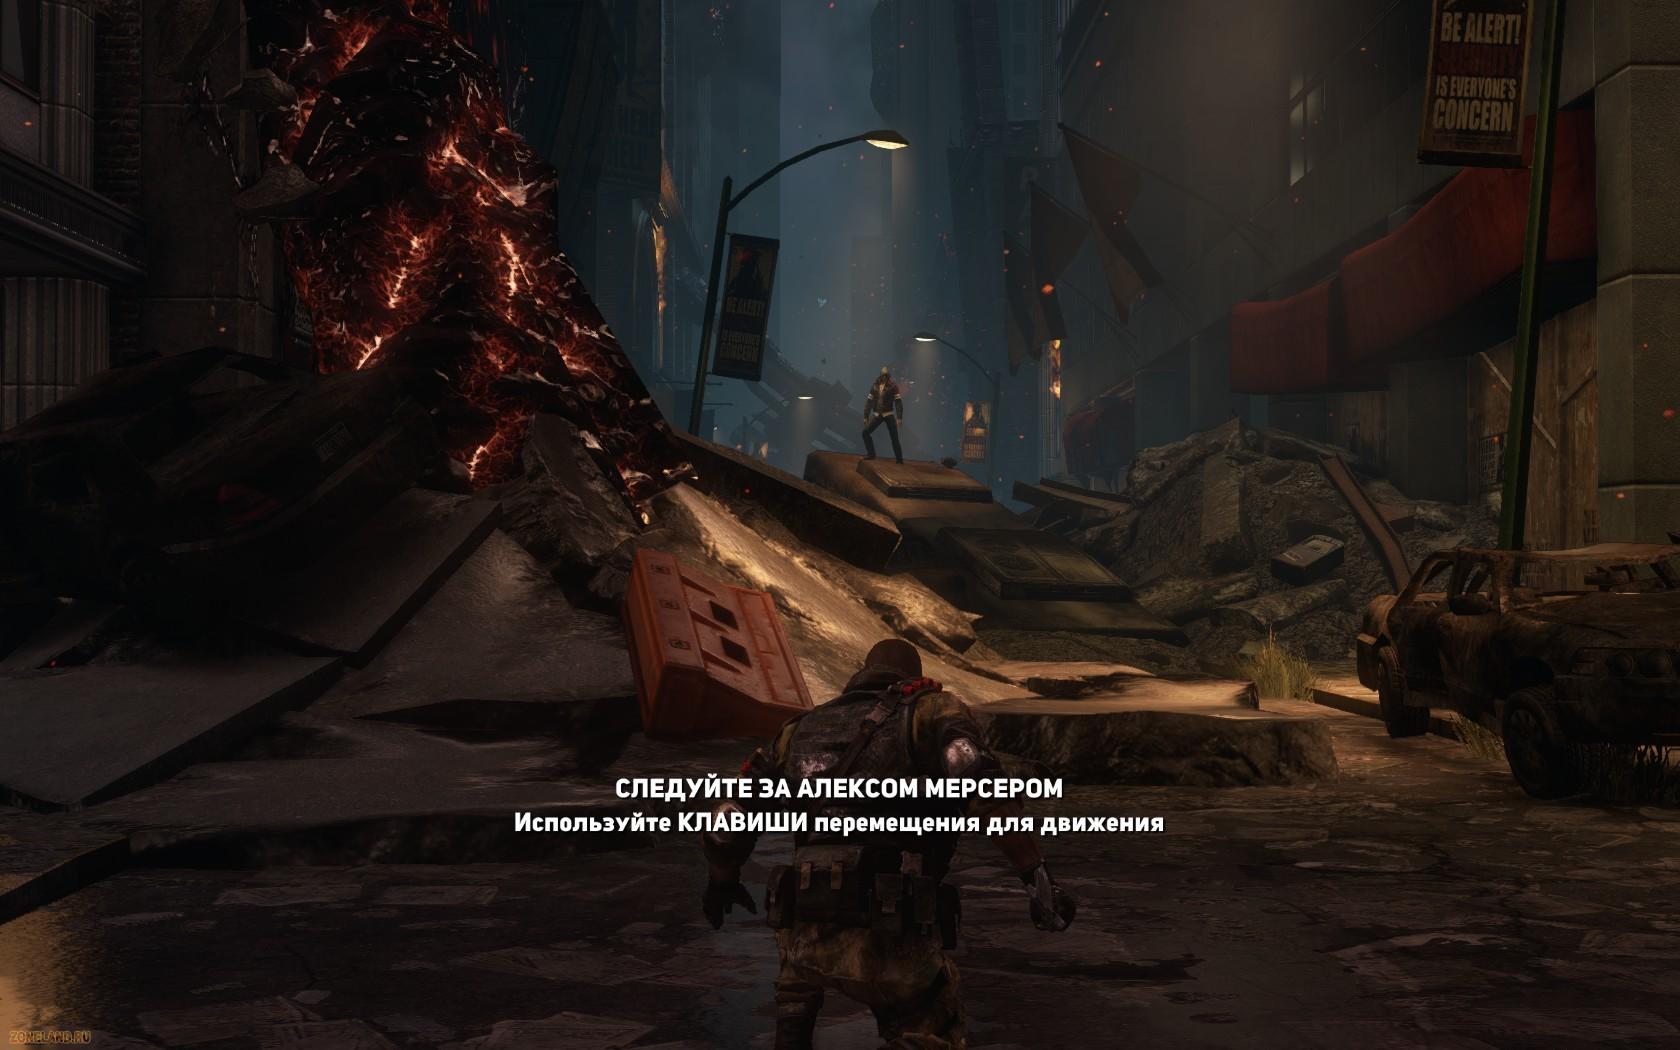 Описание Полный русификатор для игры Prototype 2, который переводит